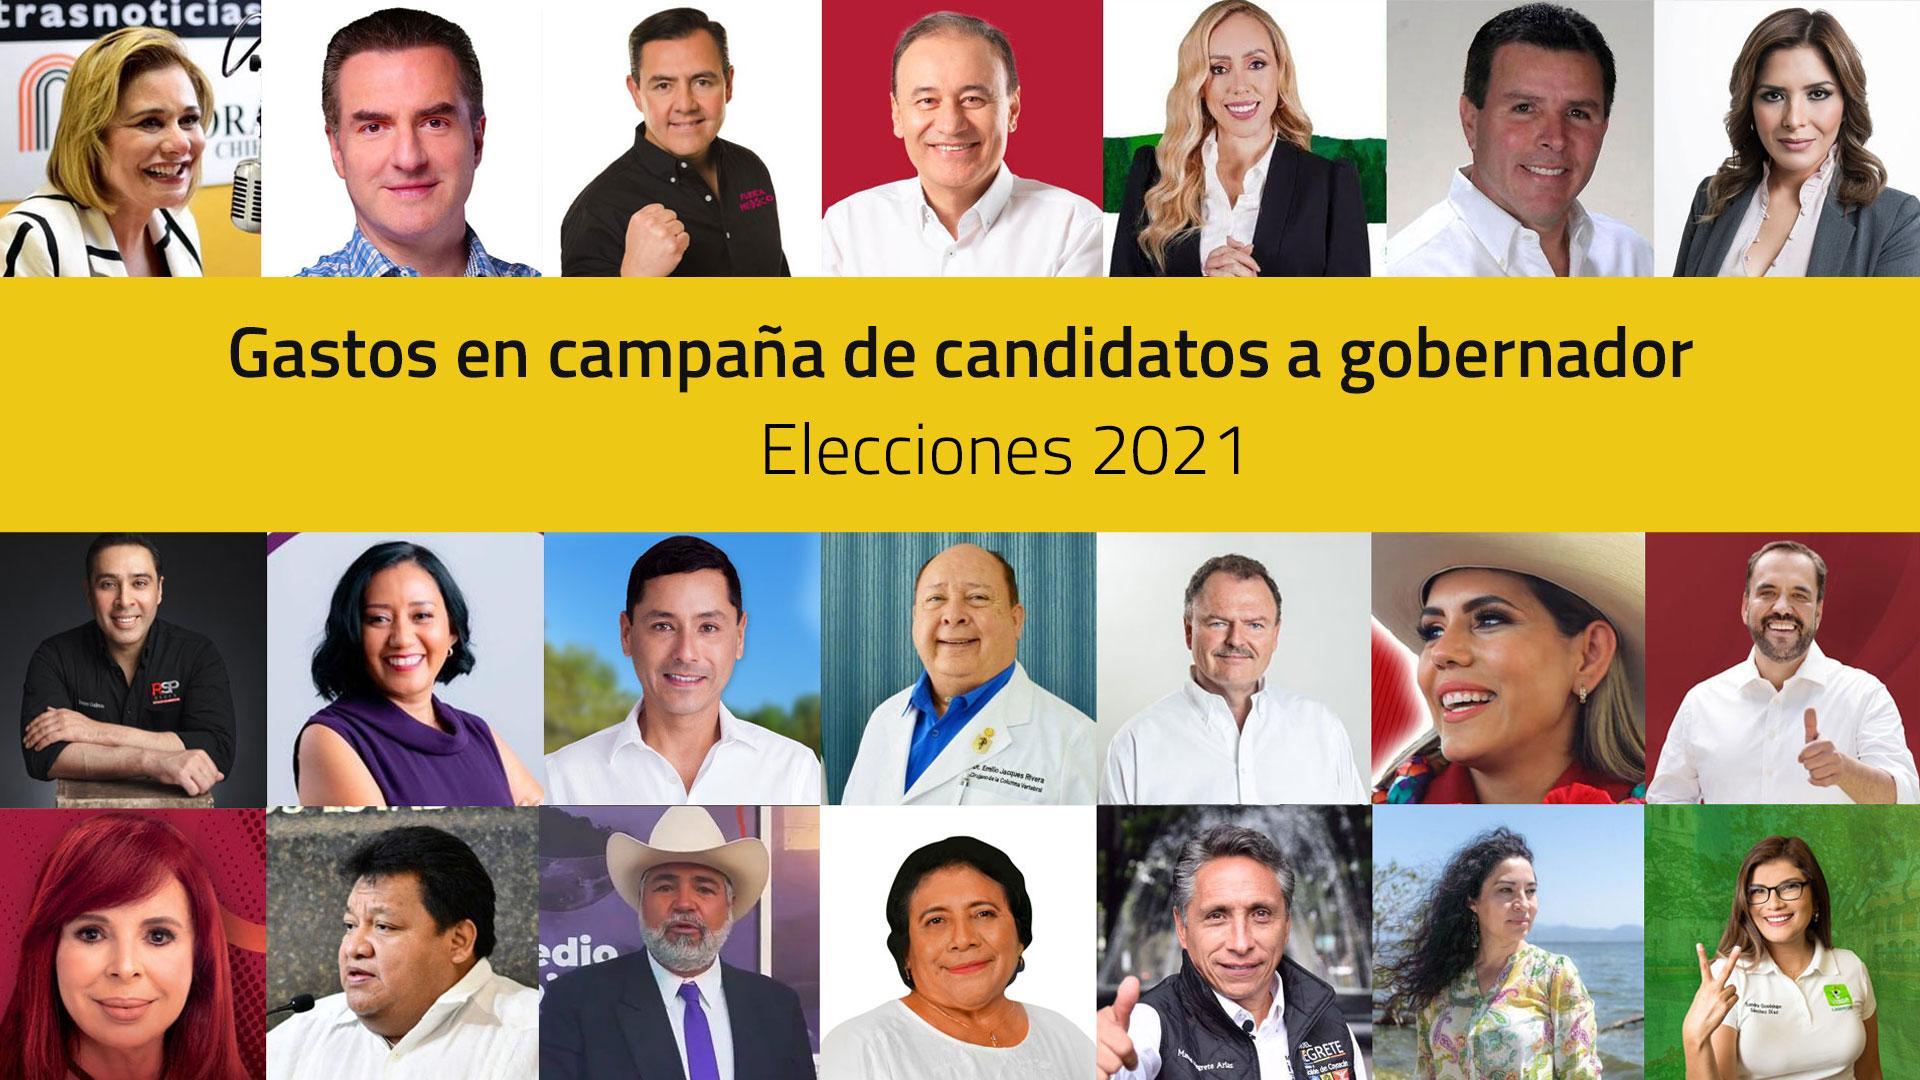 Gastos en campaña de candidatos a gobernador en 2021